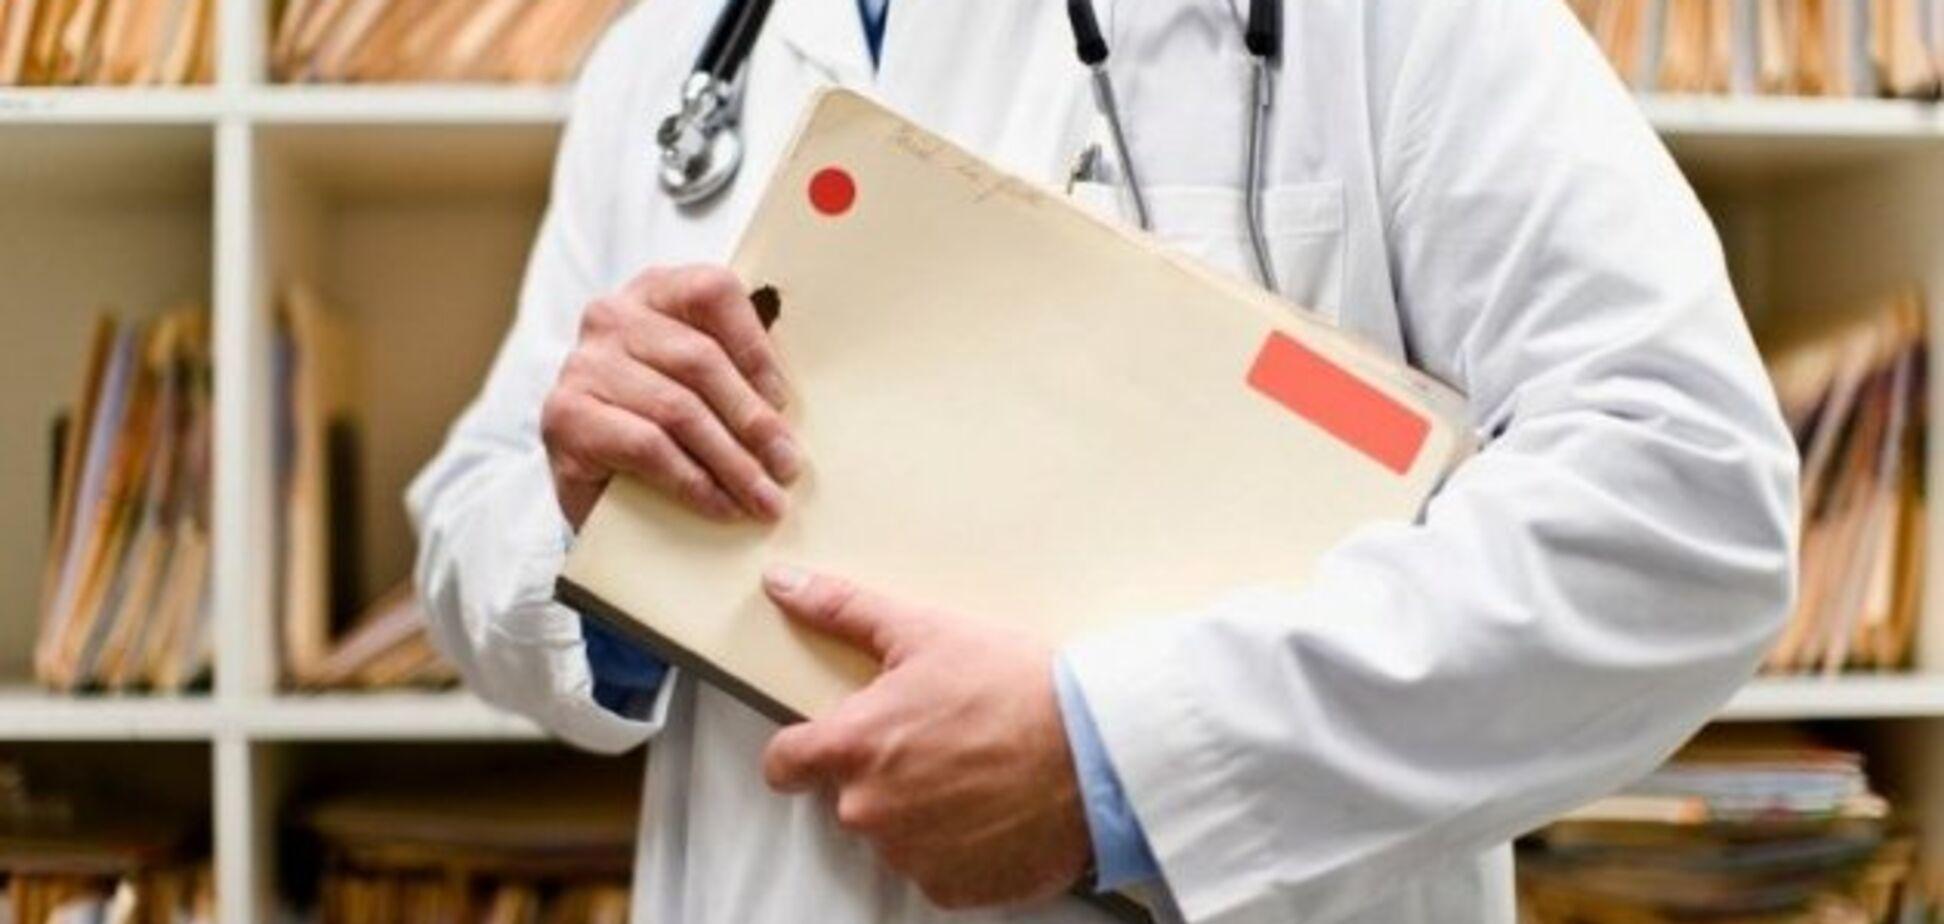 Медицинская реформа в Украине: составлен список бесплатных услуг врачей